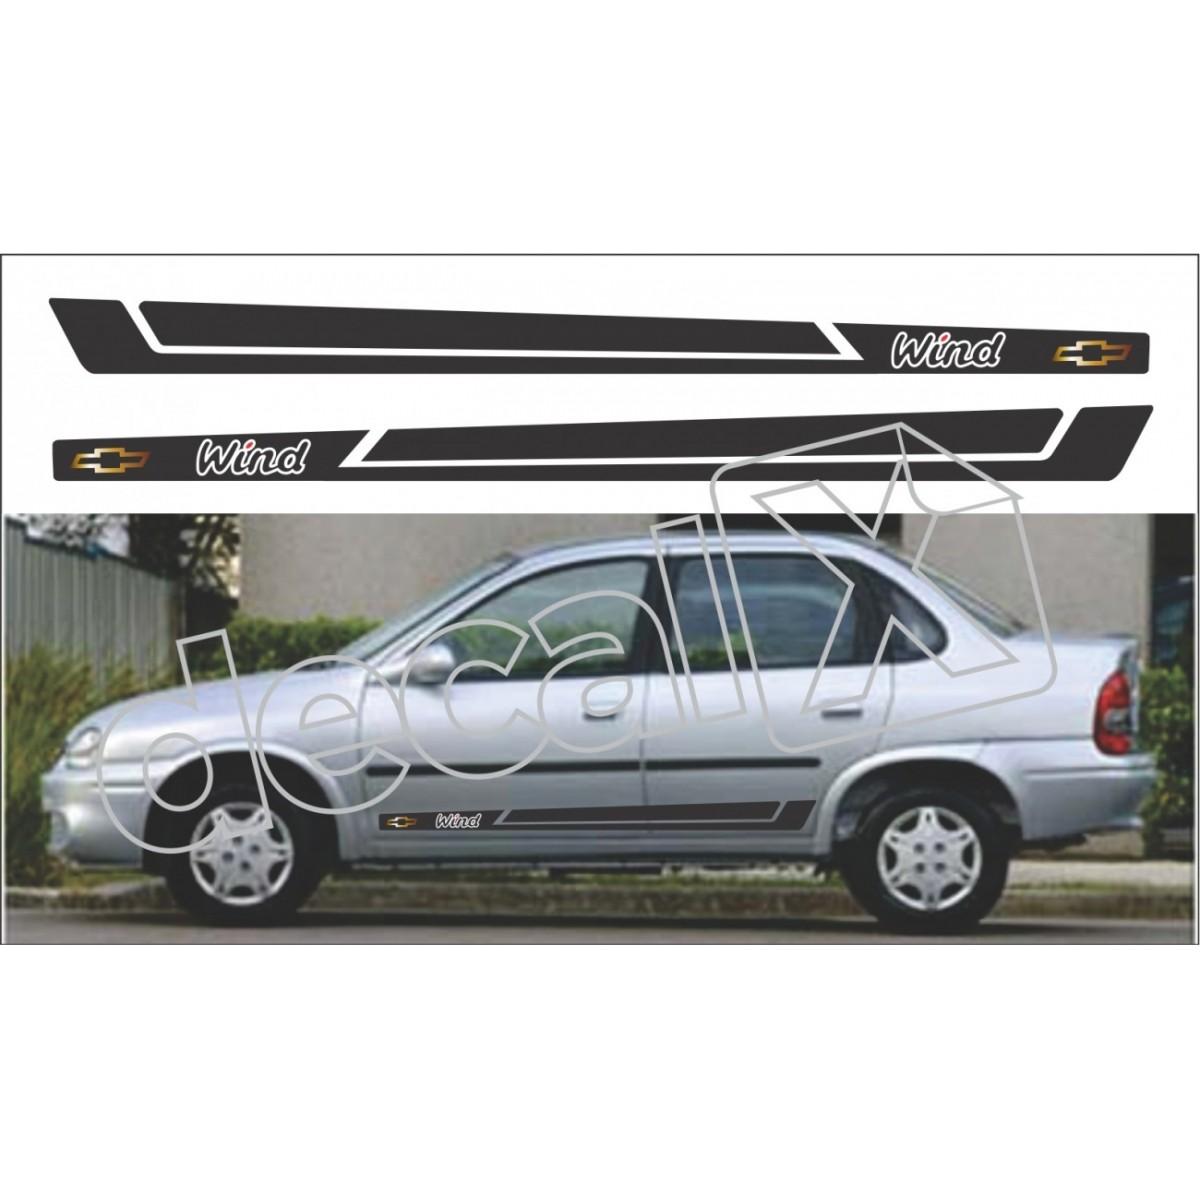 Adesivo Chevrolet Corsa Faixa Lateral 3m Cs0404